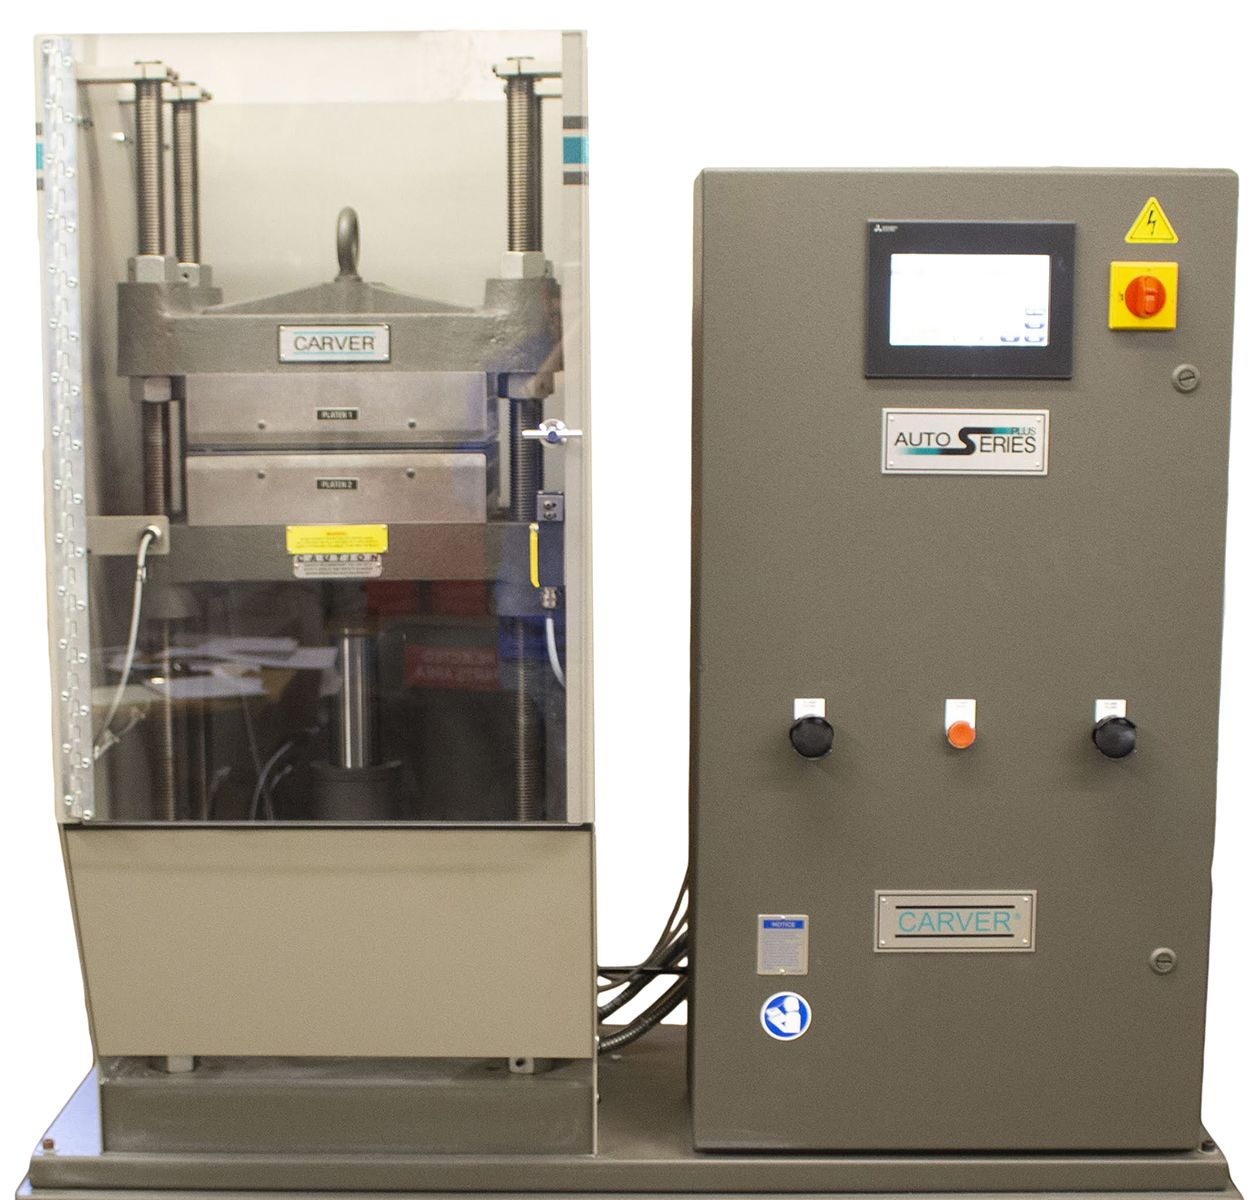 Автоматический лабораторный гидравлический пресс серии Auto Plus